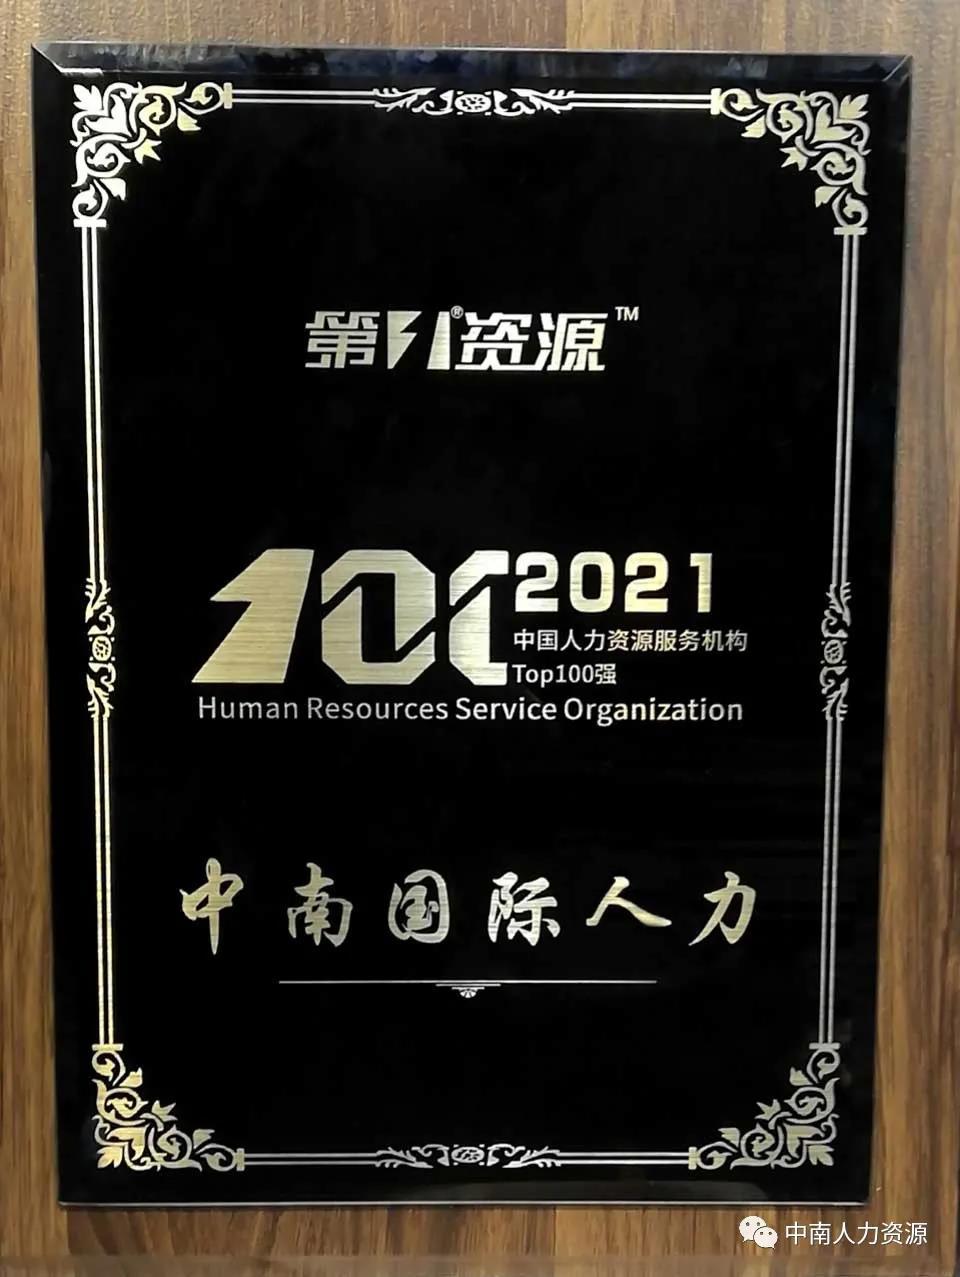 """喜贺中南人力资源集团荣获""""中国人力资源服"""